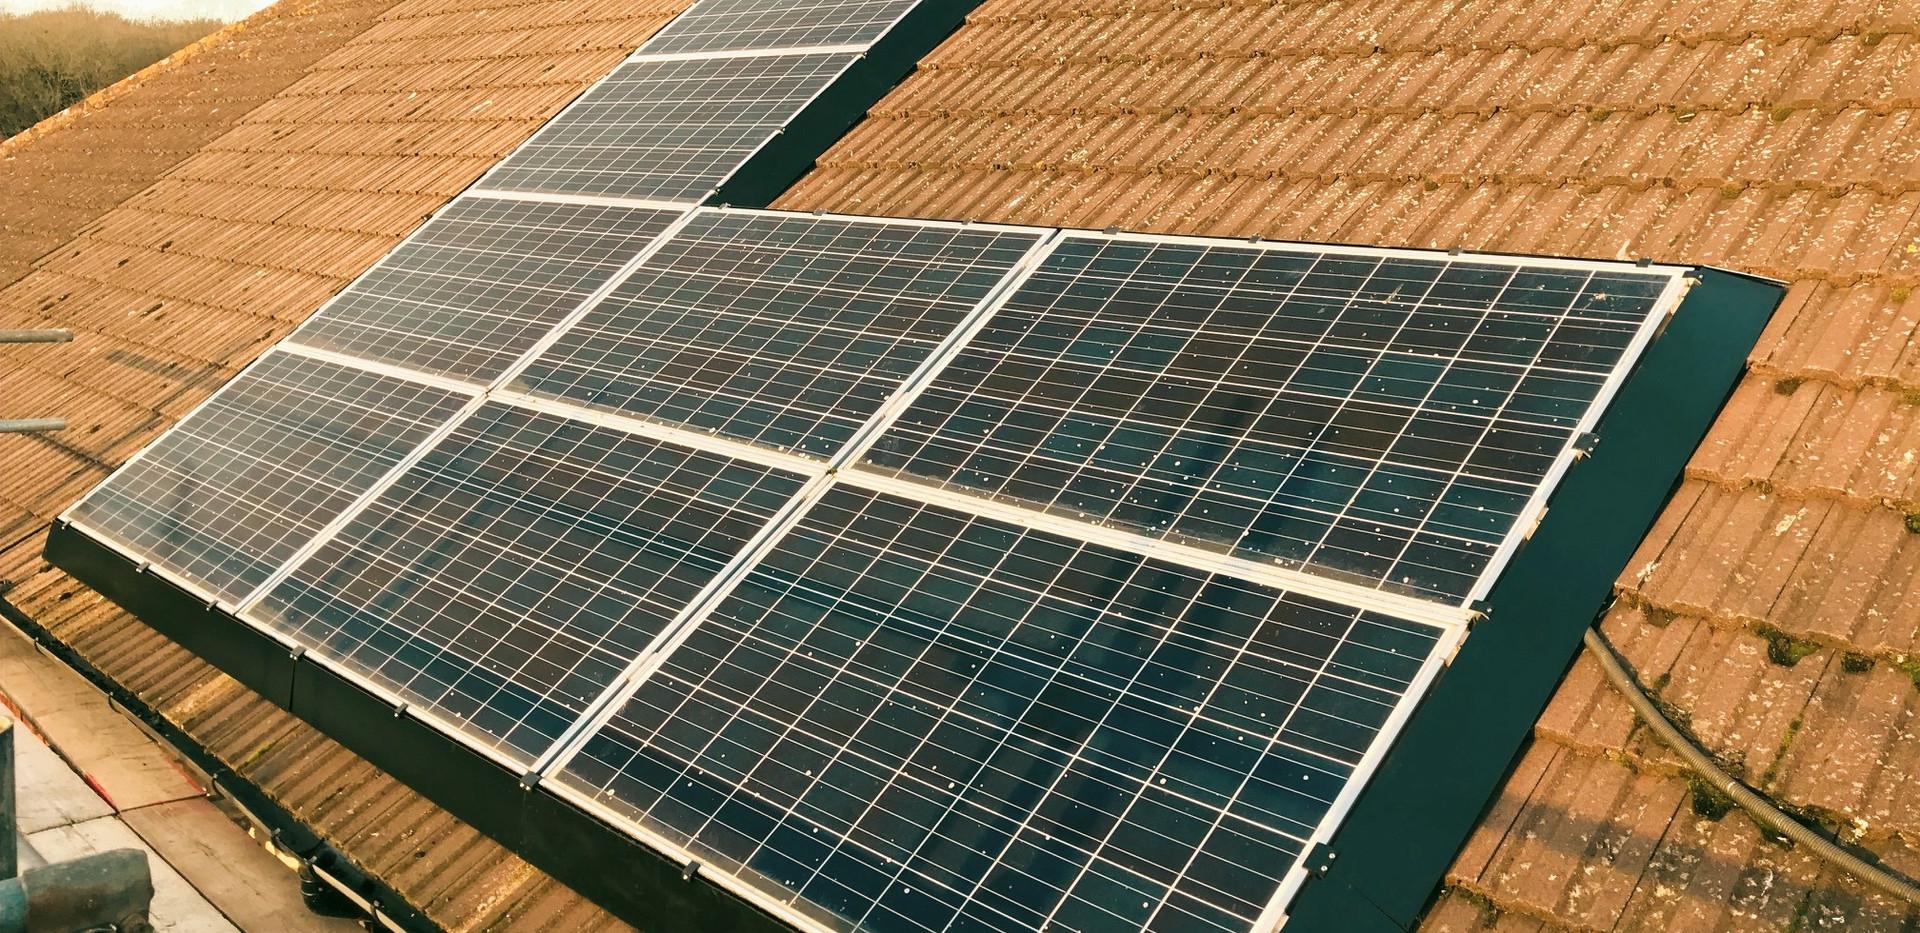 Full solar skirt surround on silver panels